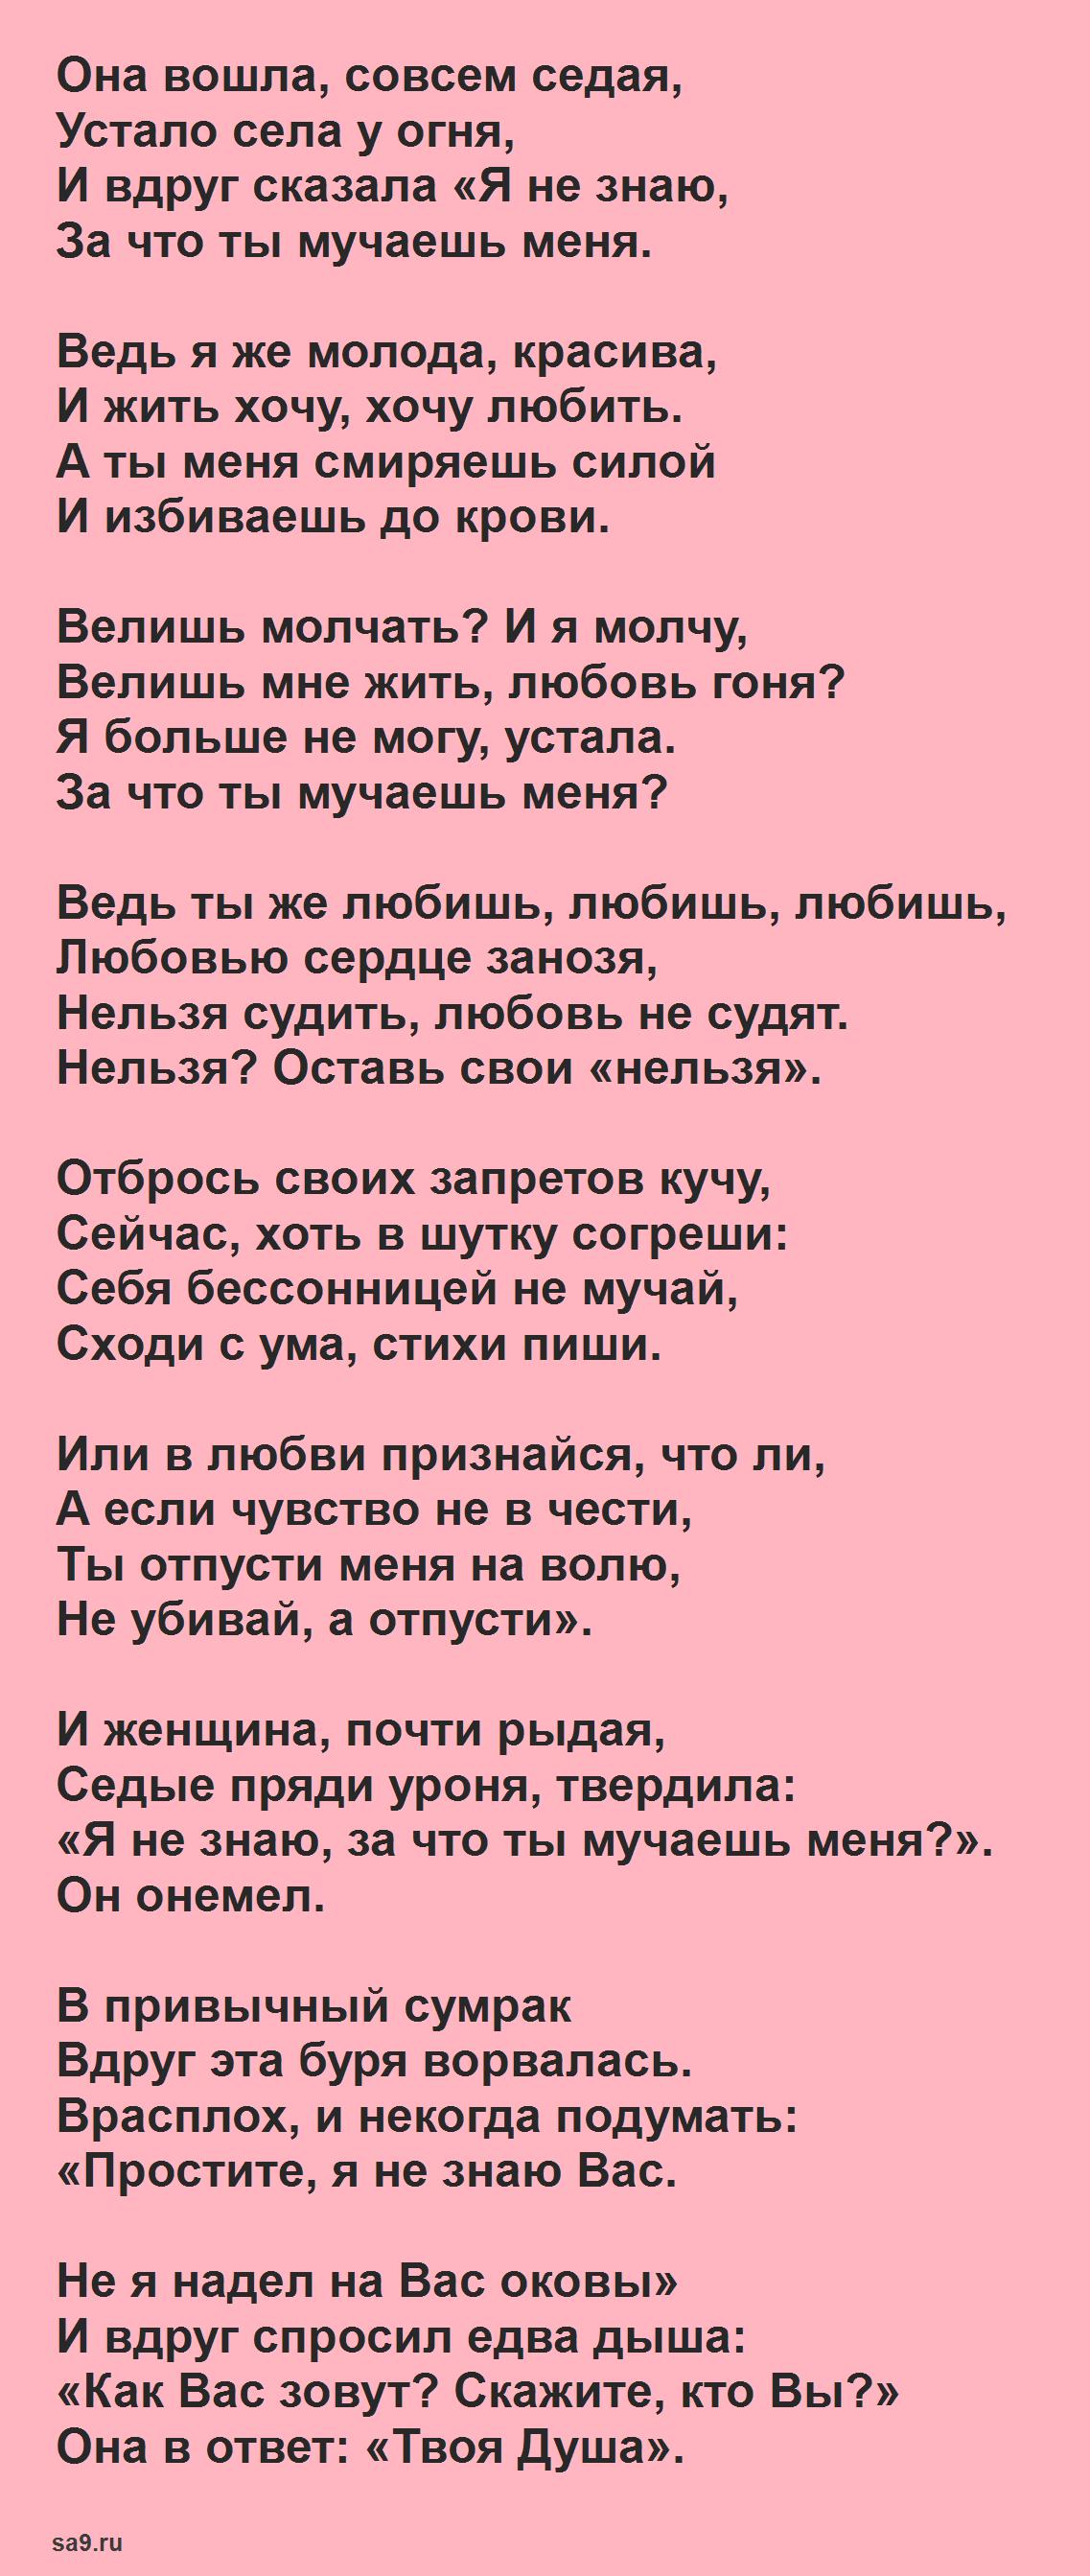 Стихи о любви известных поэтов, Асадов